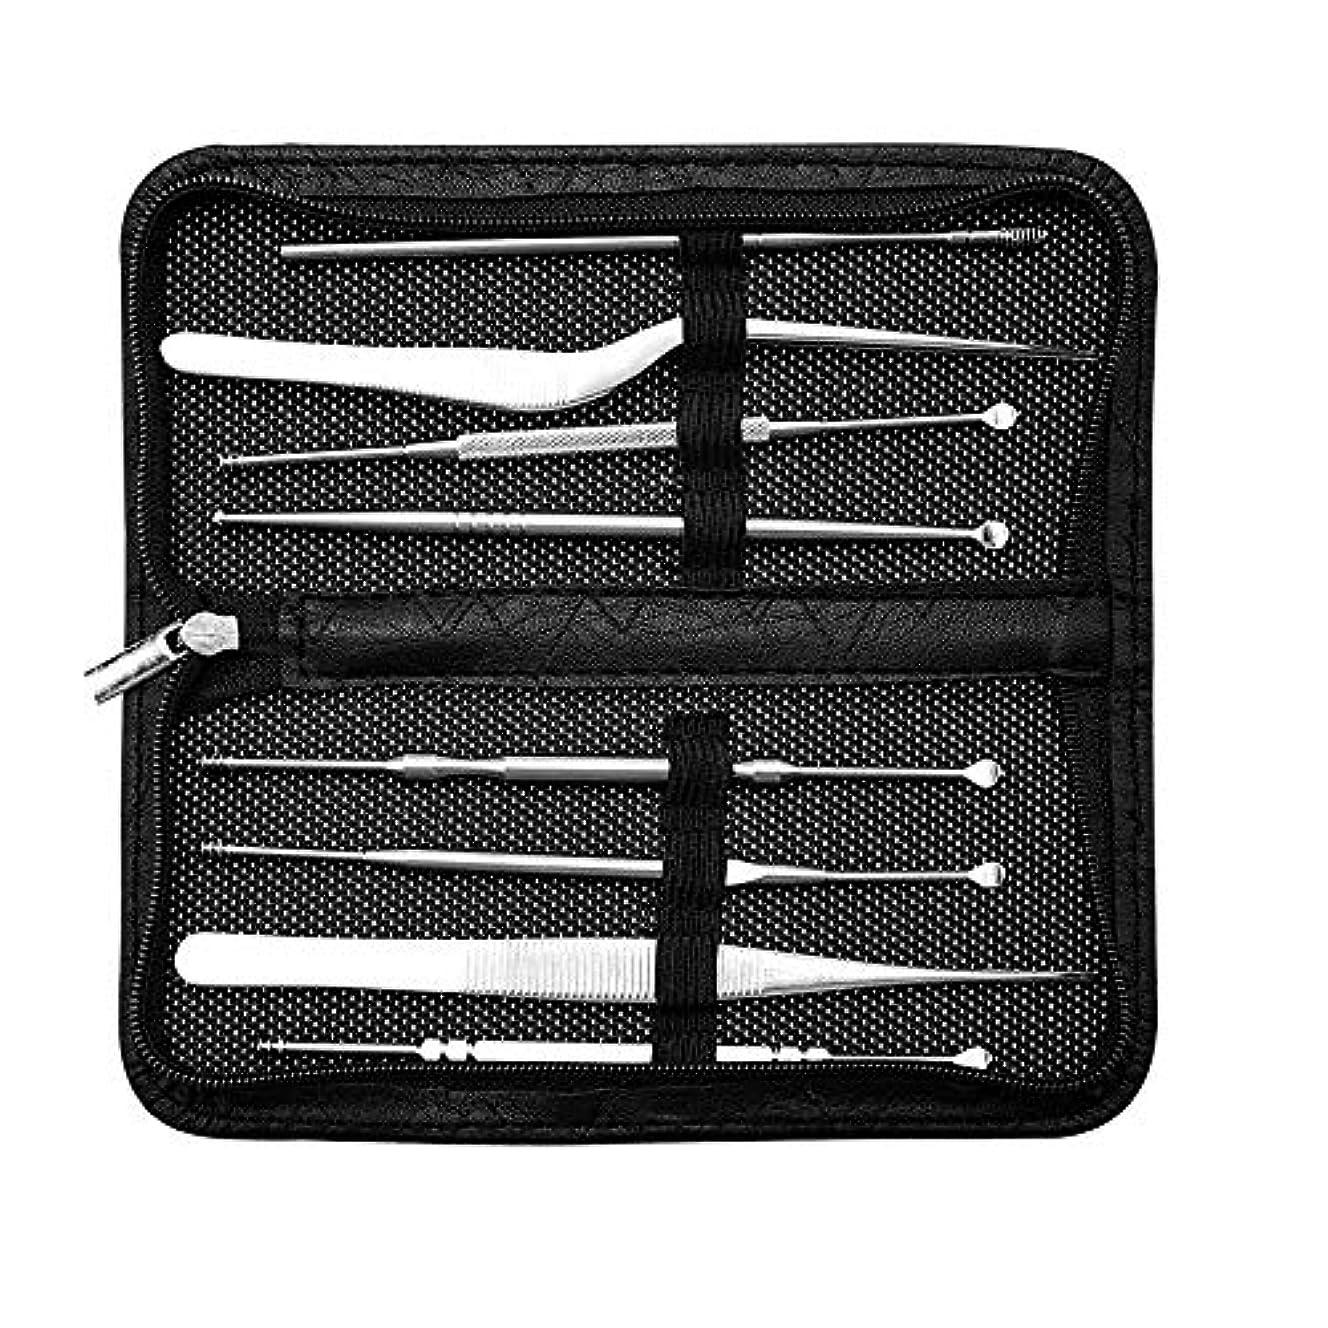 戦略引き付ける部分的8本セットステンレス製コメドプッシャー毛抜きスティックピンセッ 毛穴ケア専用キット